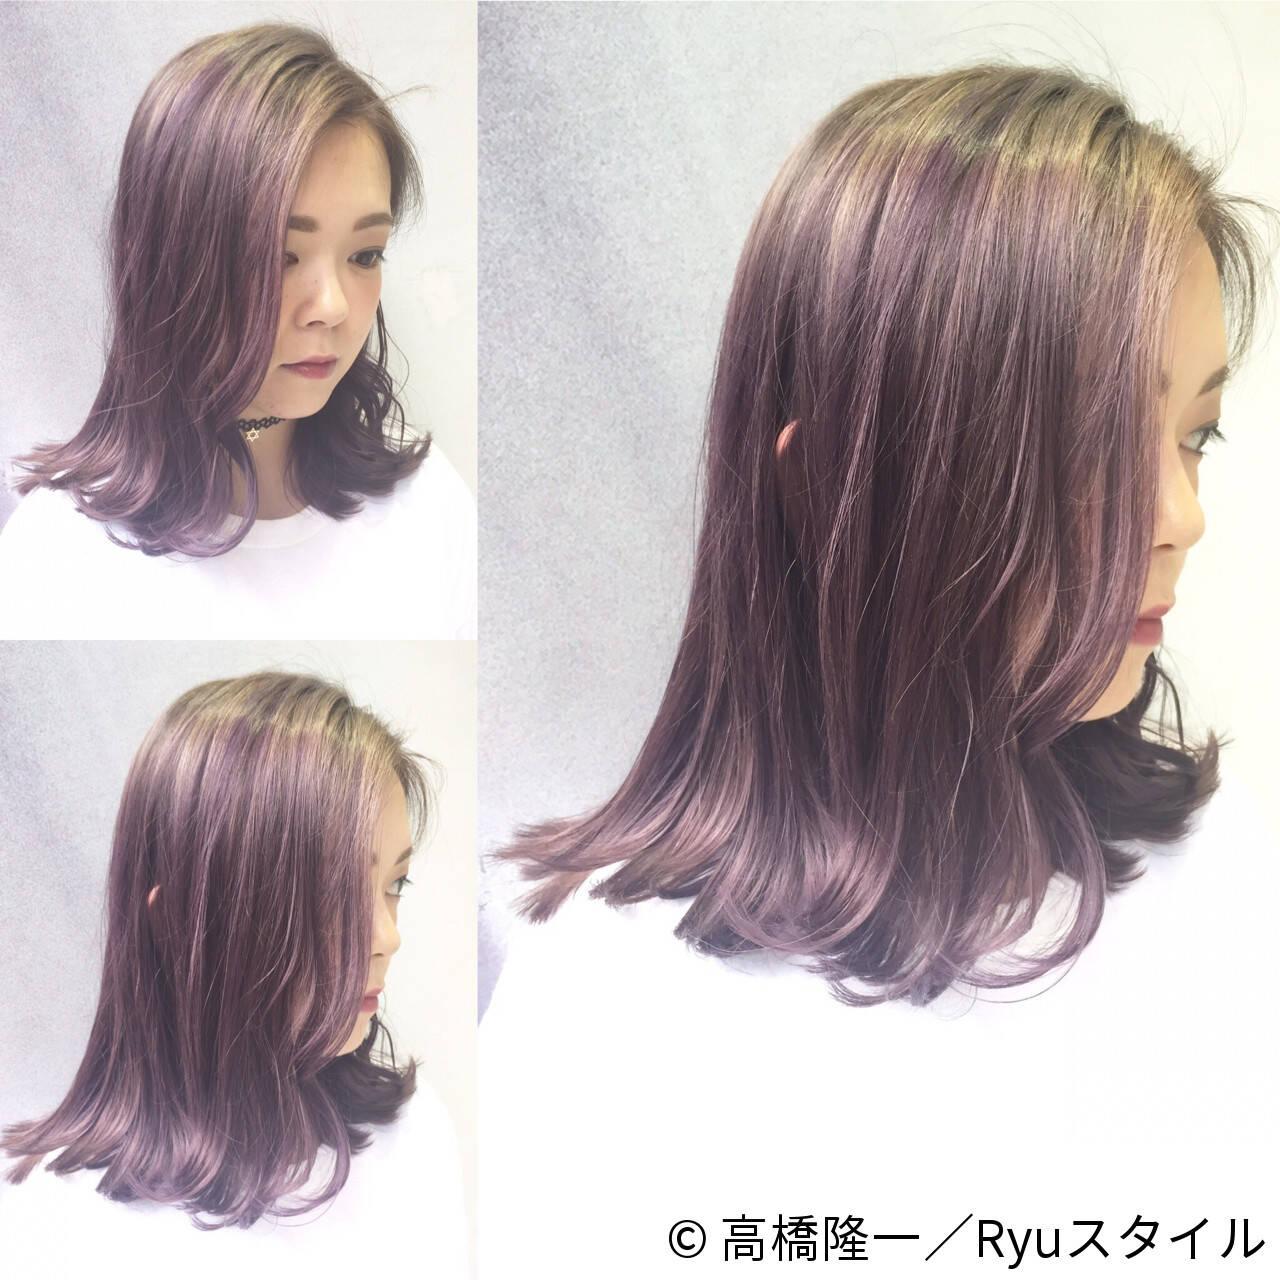 ストリート ピンク グレー ミディアムヘアスタイルや髪型の写真・画像